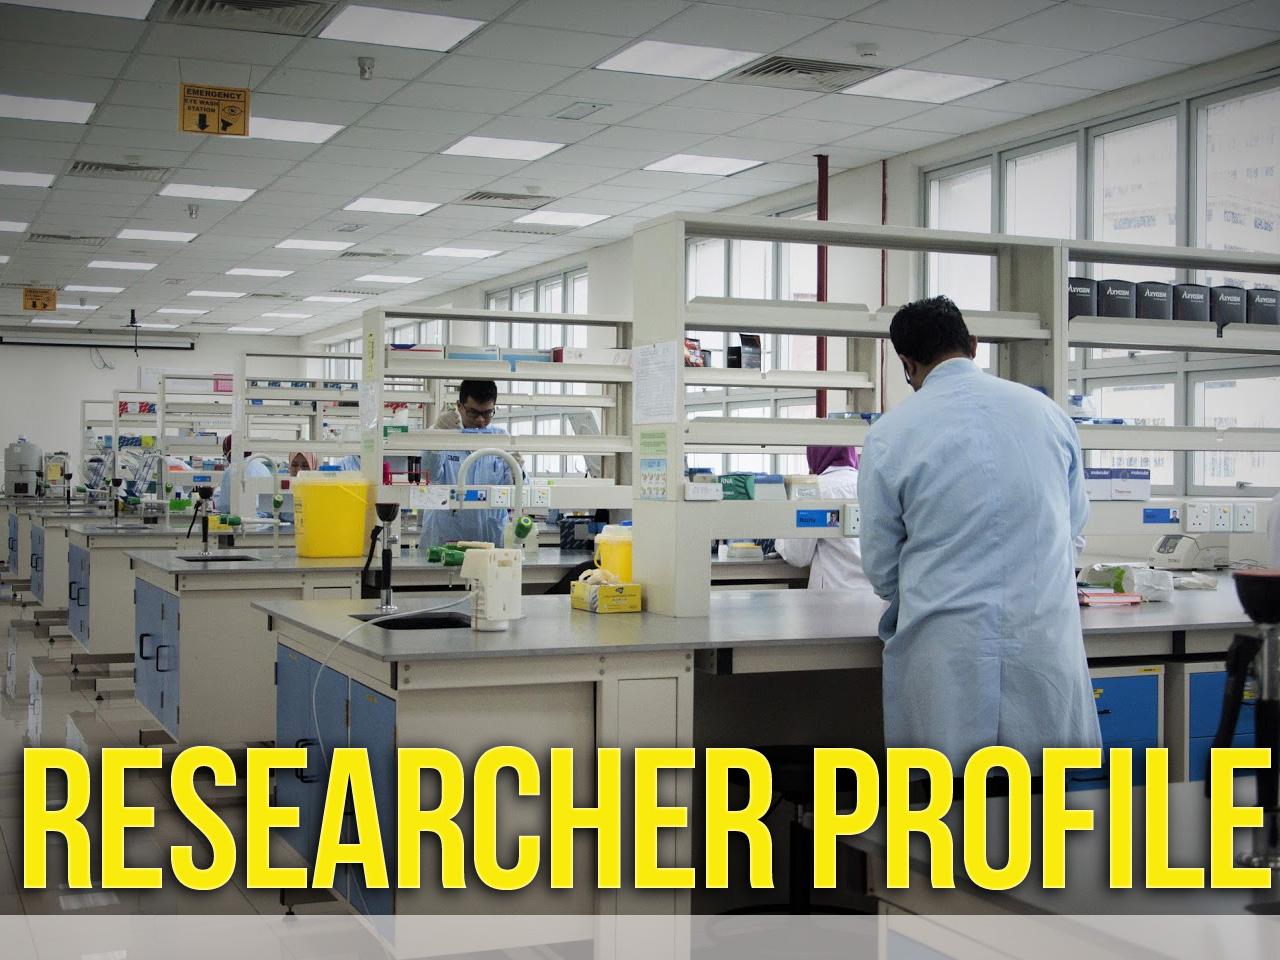 Researcher Profile